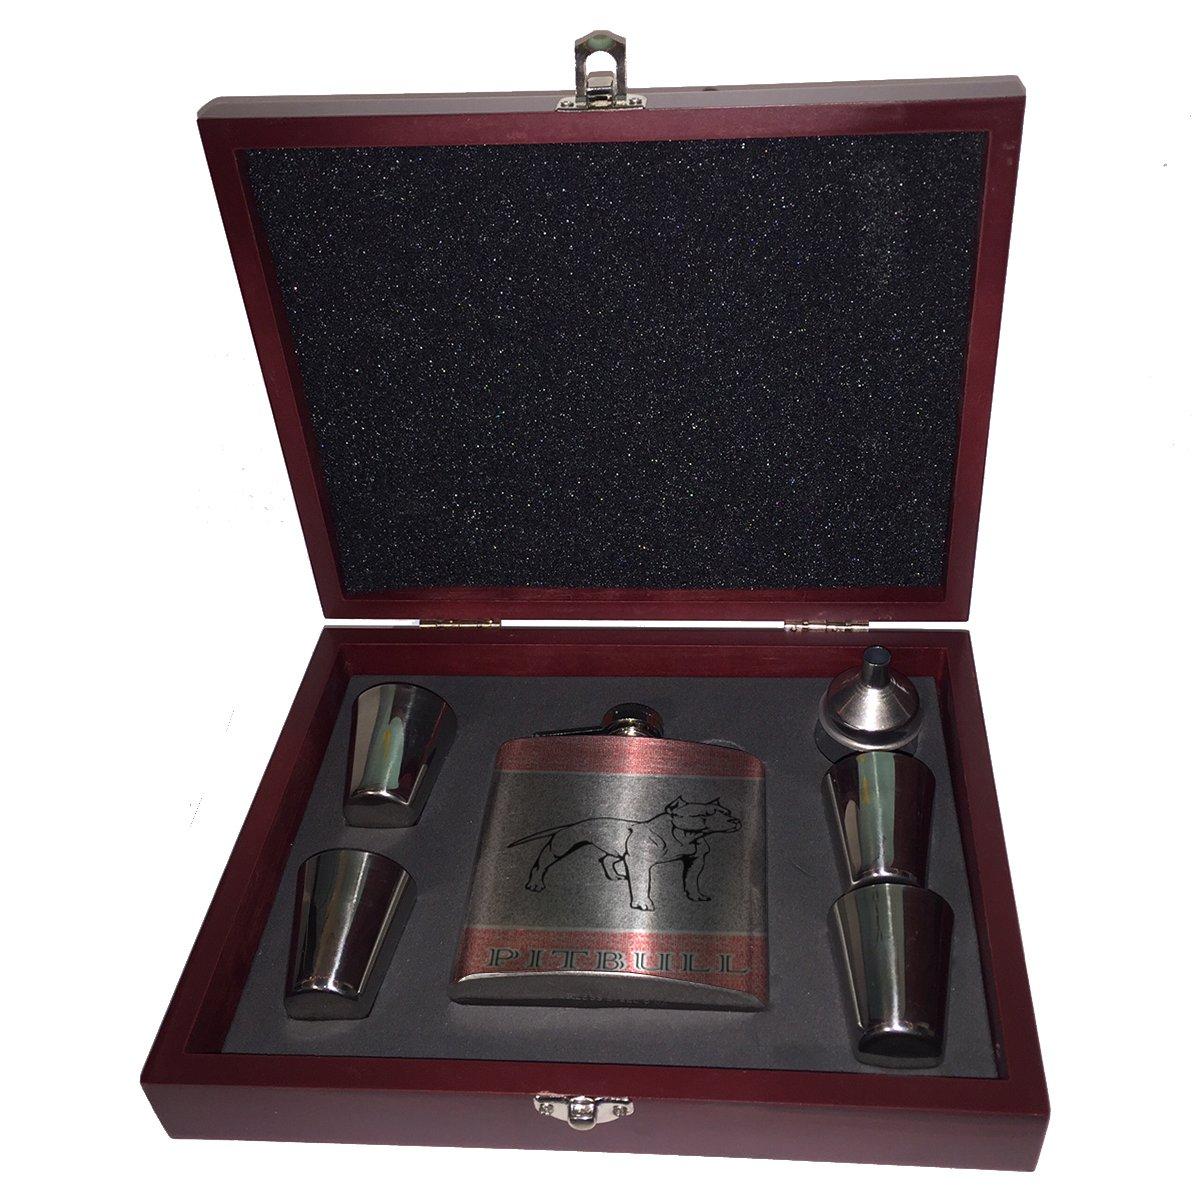 期間限定特別価格 Pitbull – B01JYSPI8W フラスコ木製ボックスギフトセット – Pitbull B01JYSPI8W, ぐりーんぐりーん:f50db49f --- lamisionera.tv